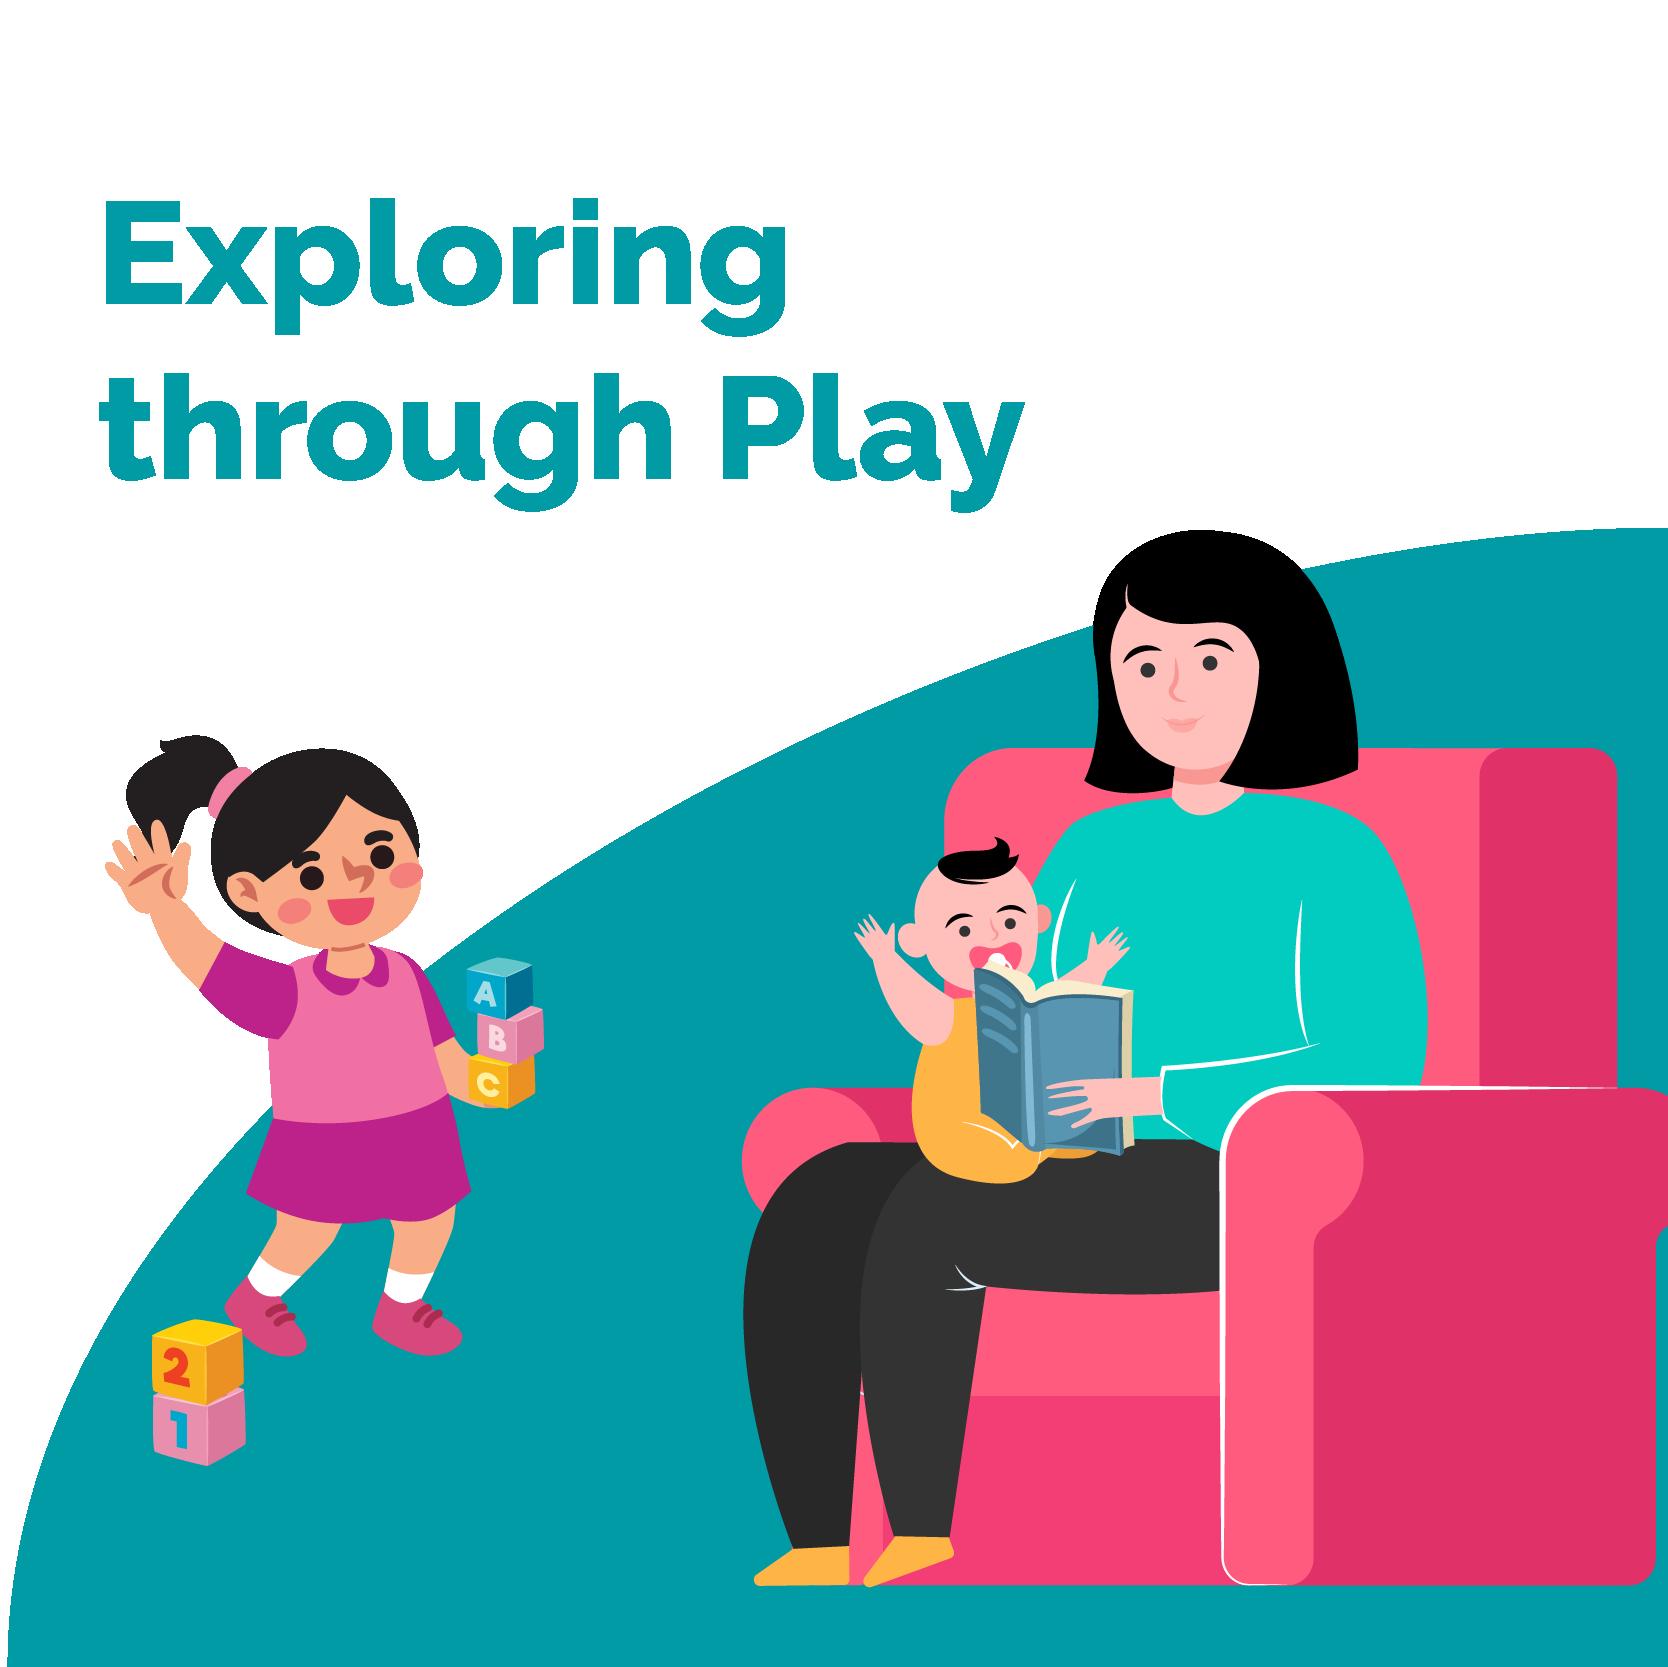 Explore through play